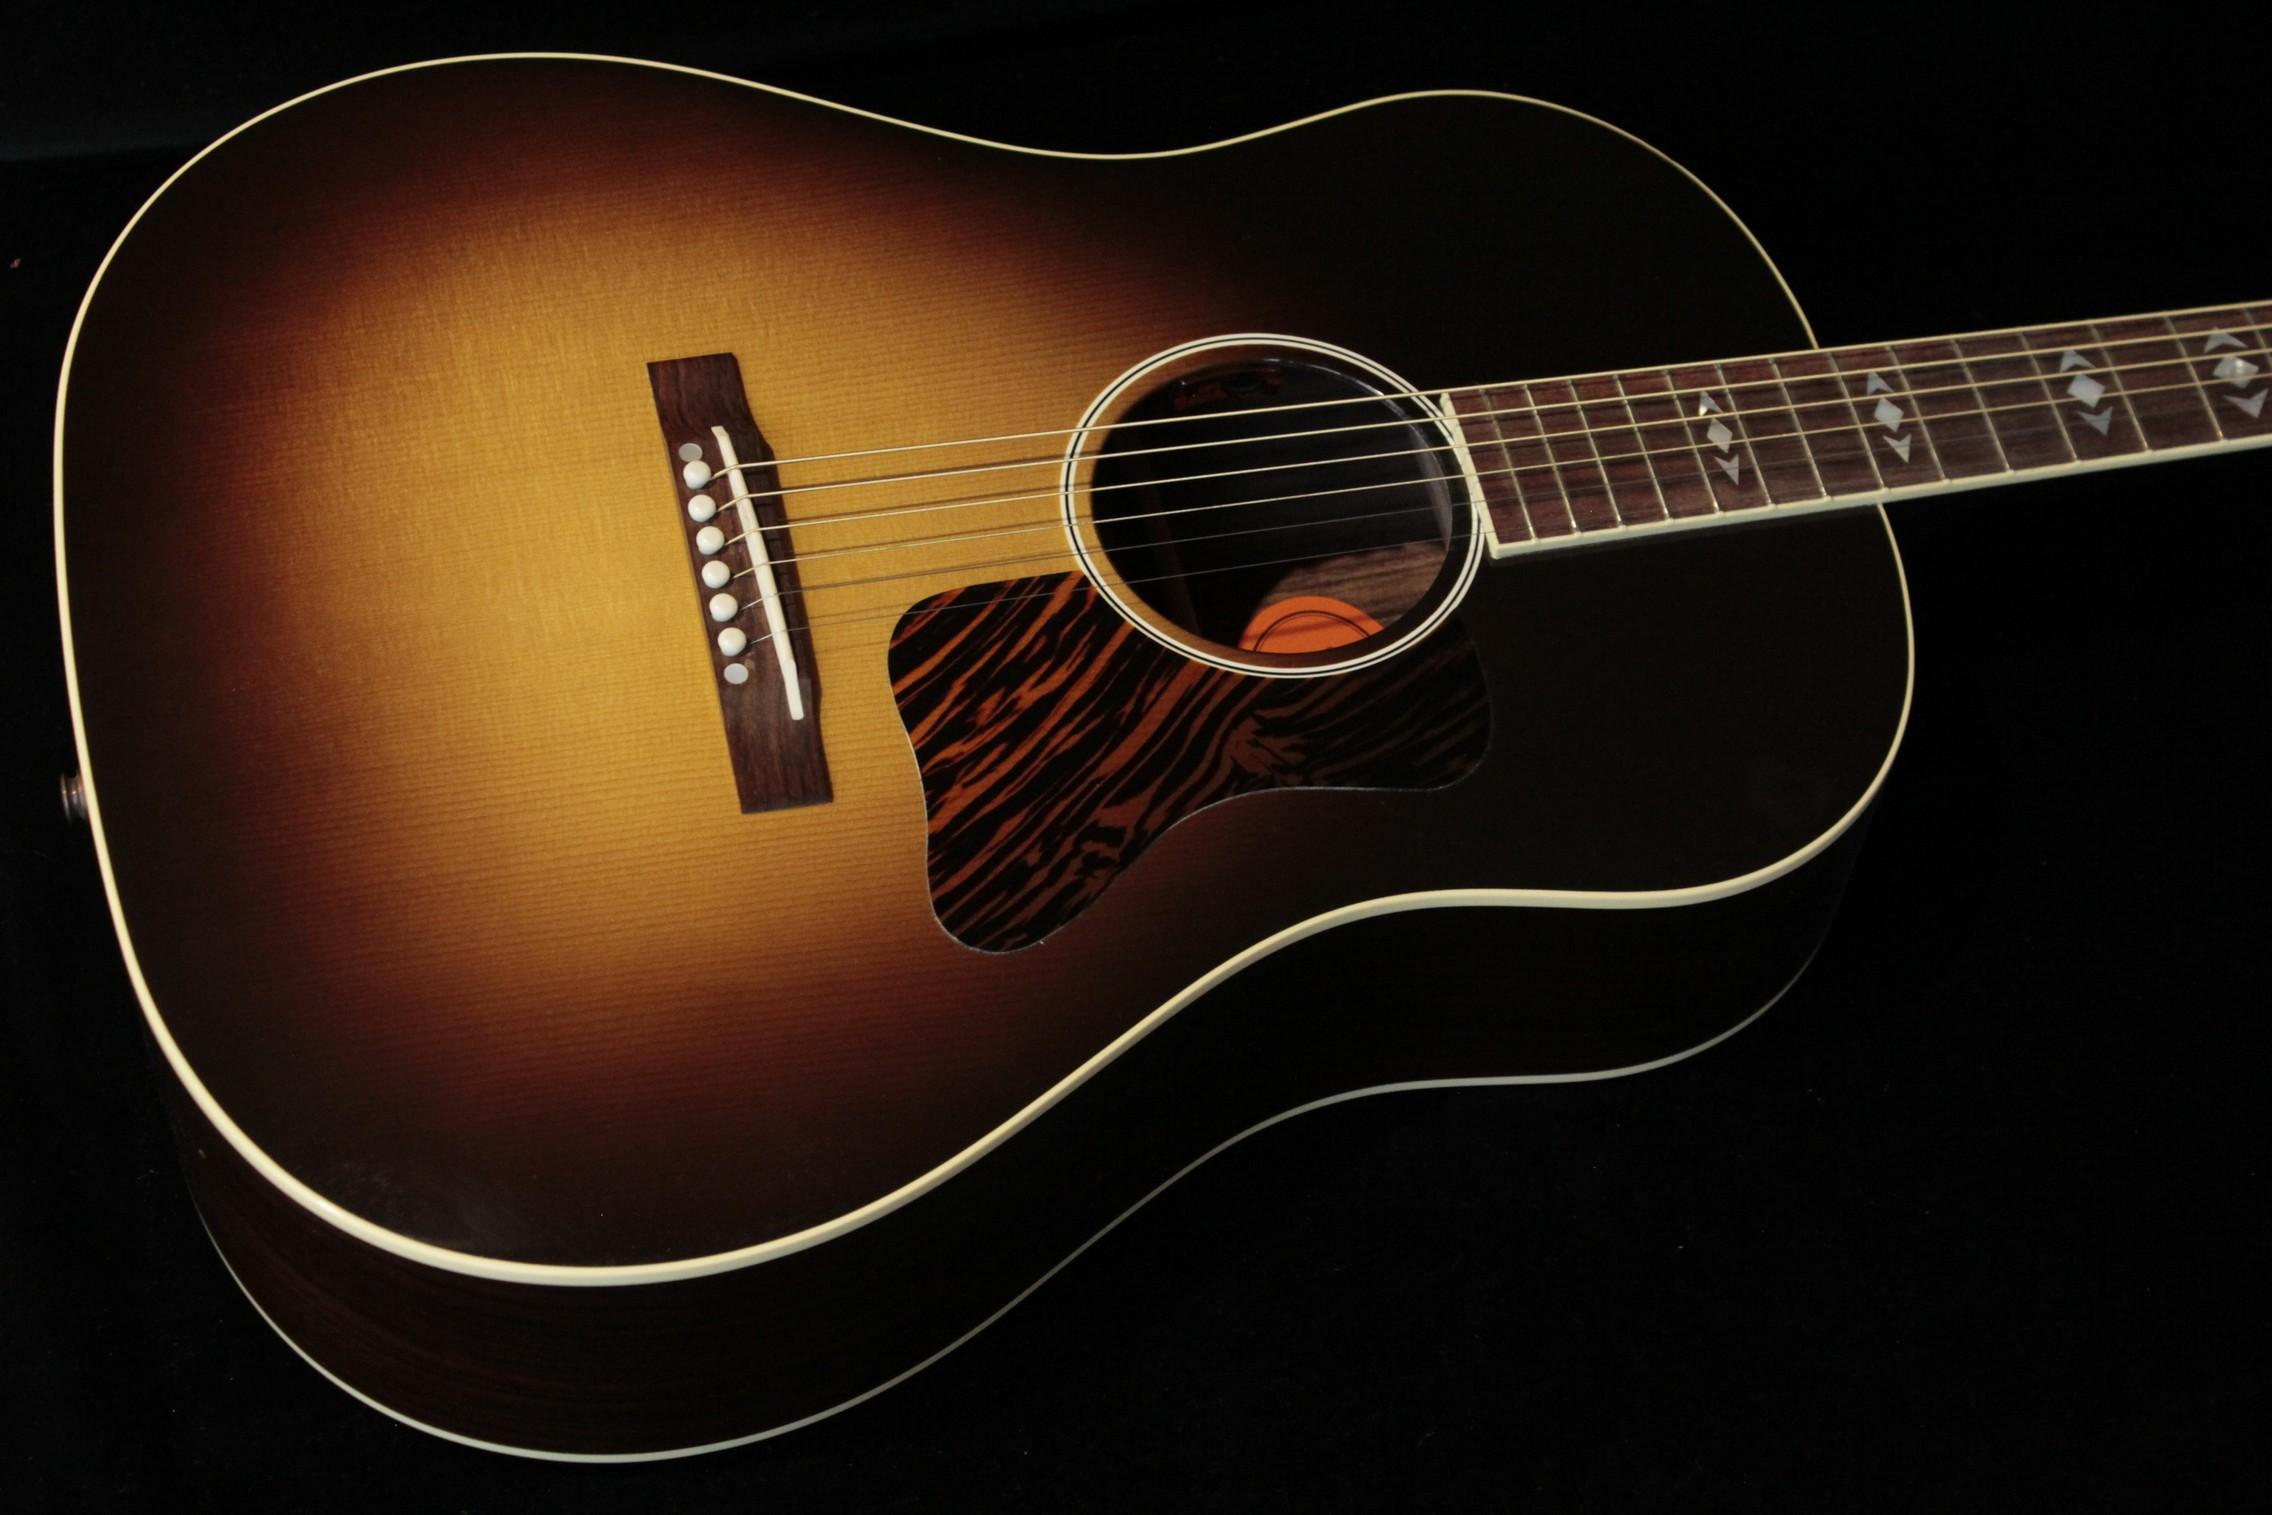 Gibson Advanced Jumbo 12 Fret Wildwood Vintage Sunburst